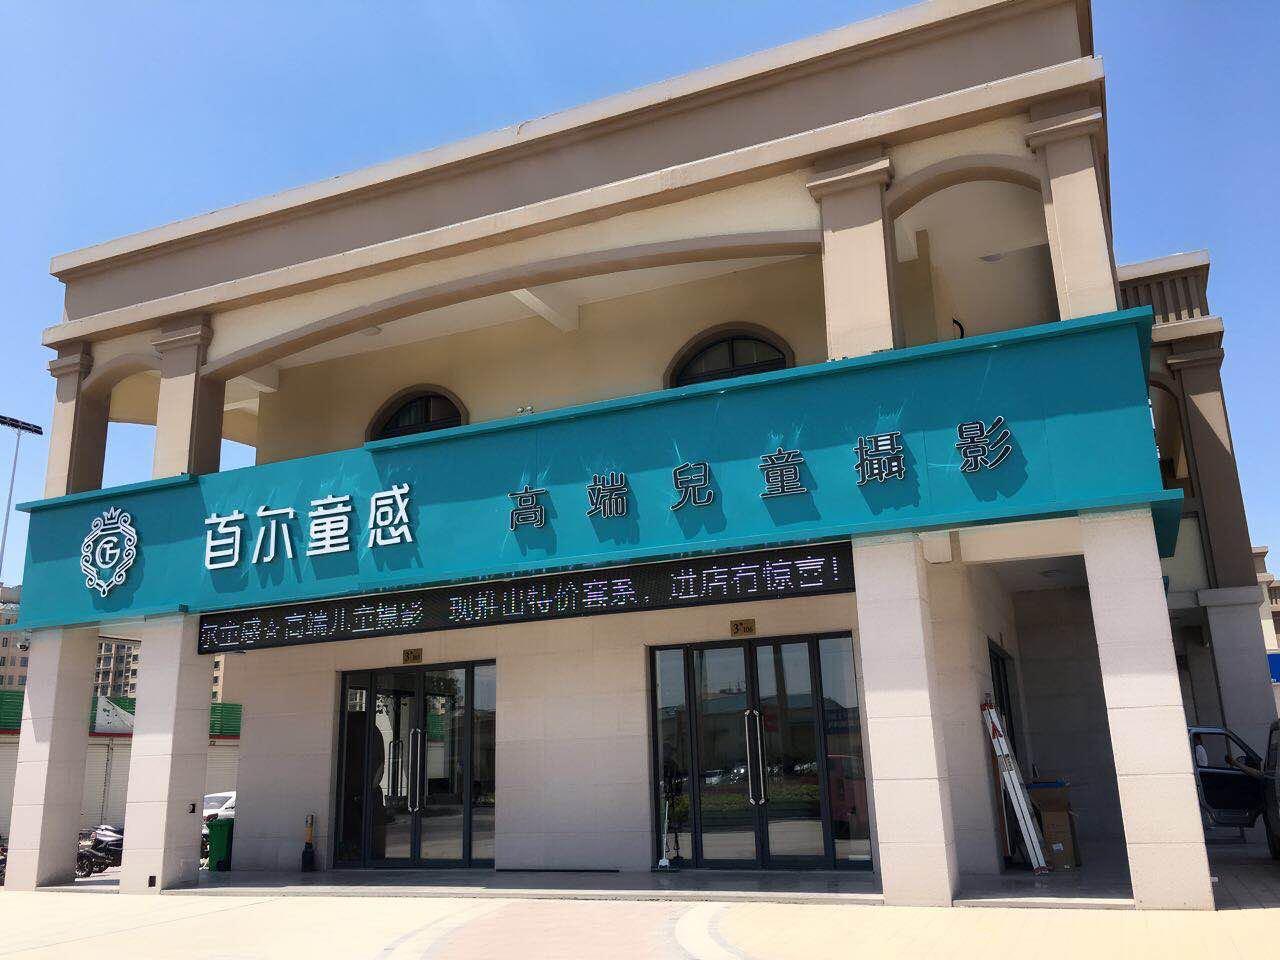 睢宁县童感儿童摄影服务部的企业标志